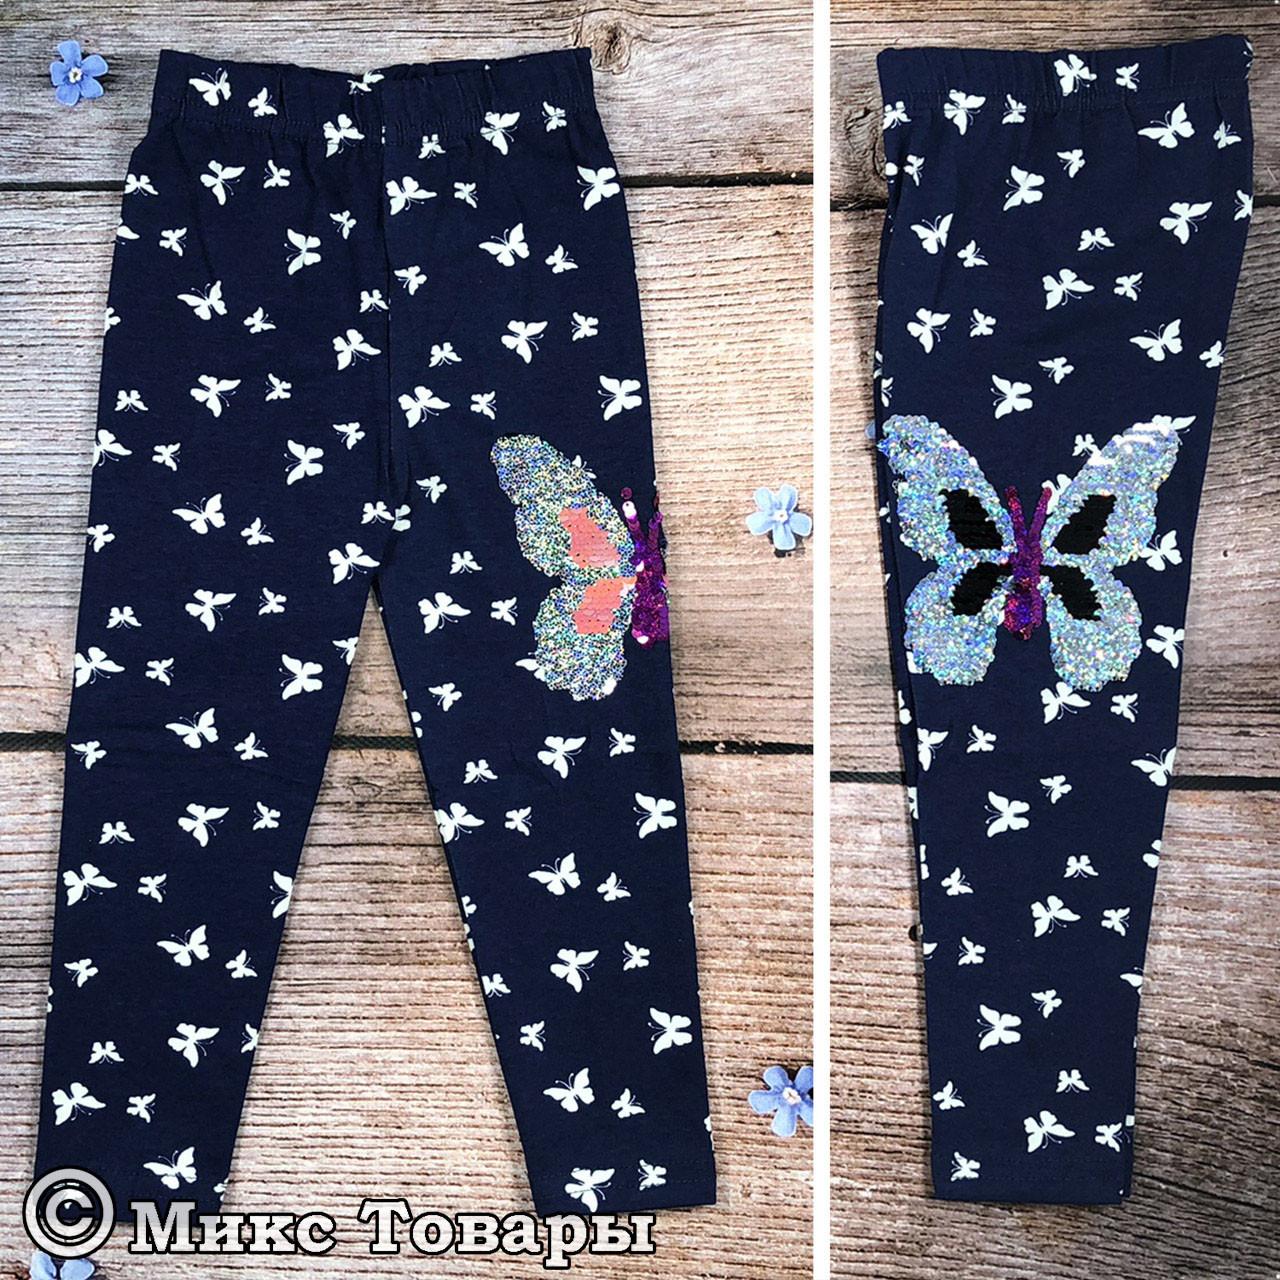 Лосины с бабочкой перевёртышем для девочки подростка Размеры: 140,146,152,158,164 см (7699)